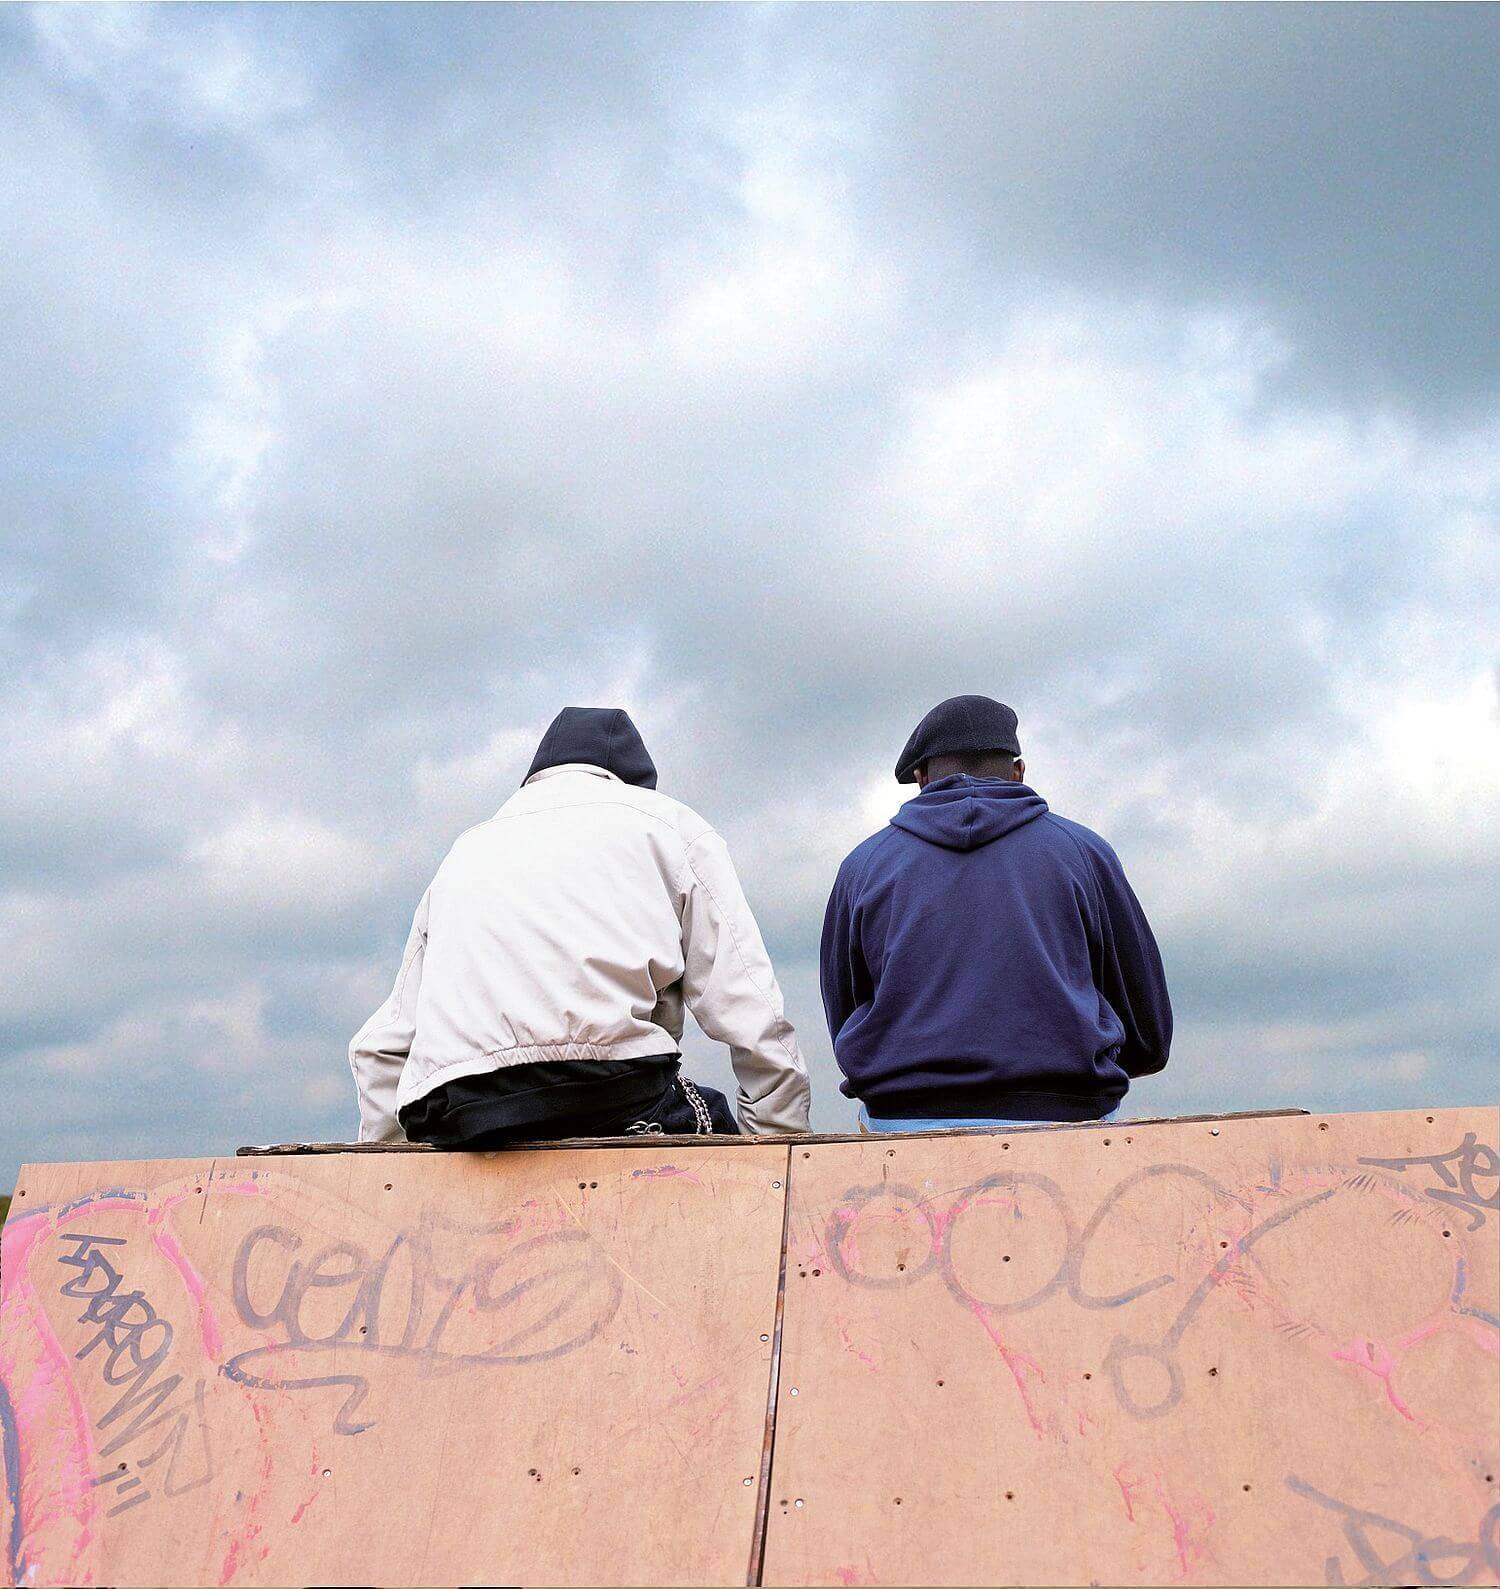 Zwei jugendliche sitzen auf einer Mauer und reden